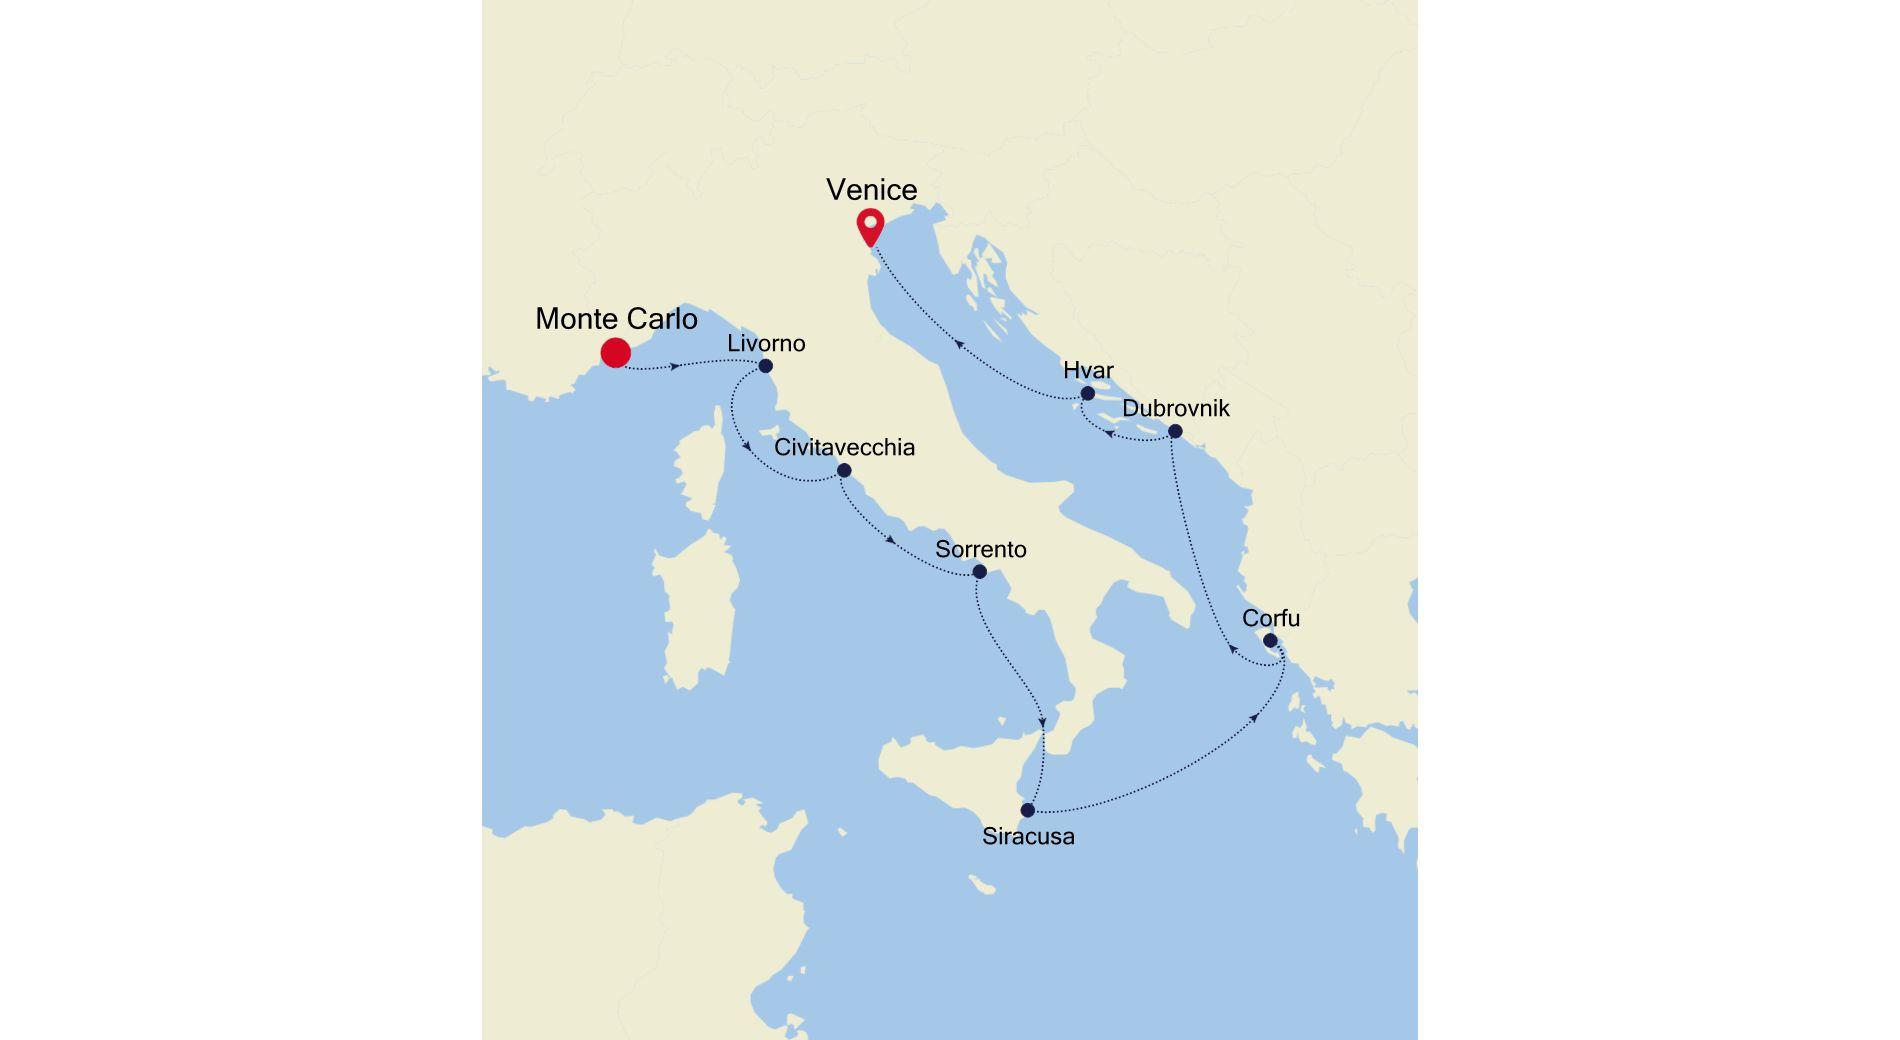 3926 - Monte Carlo nach Venice